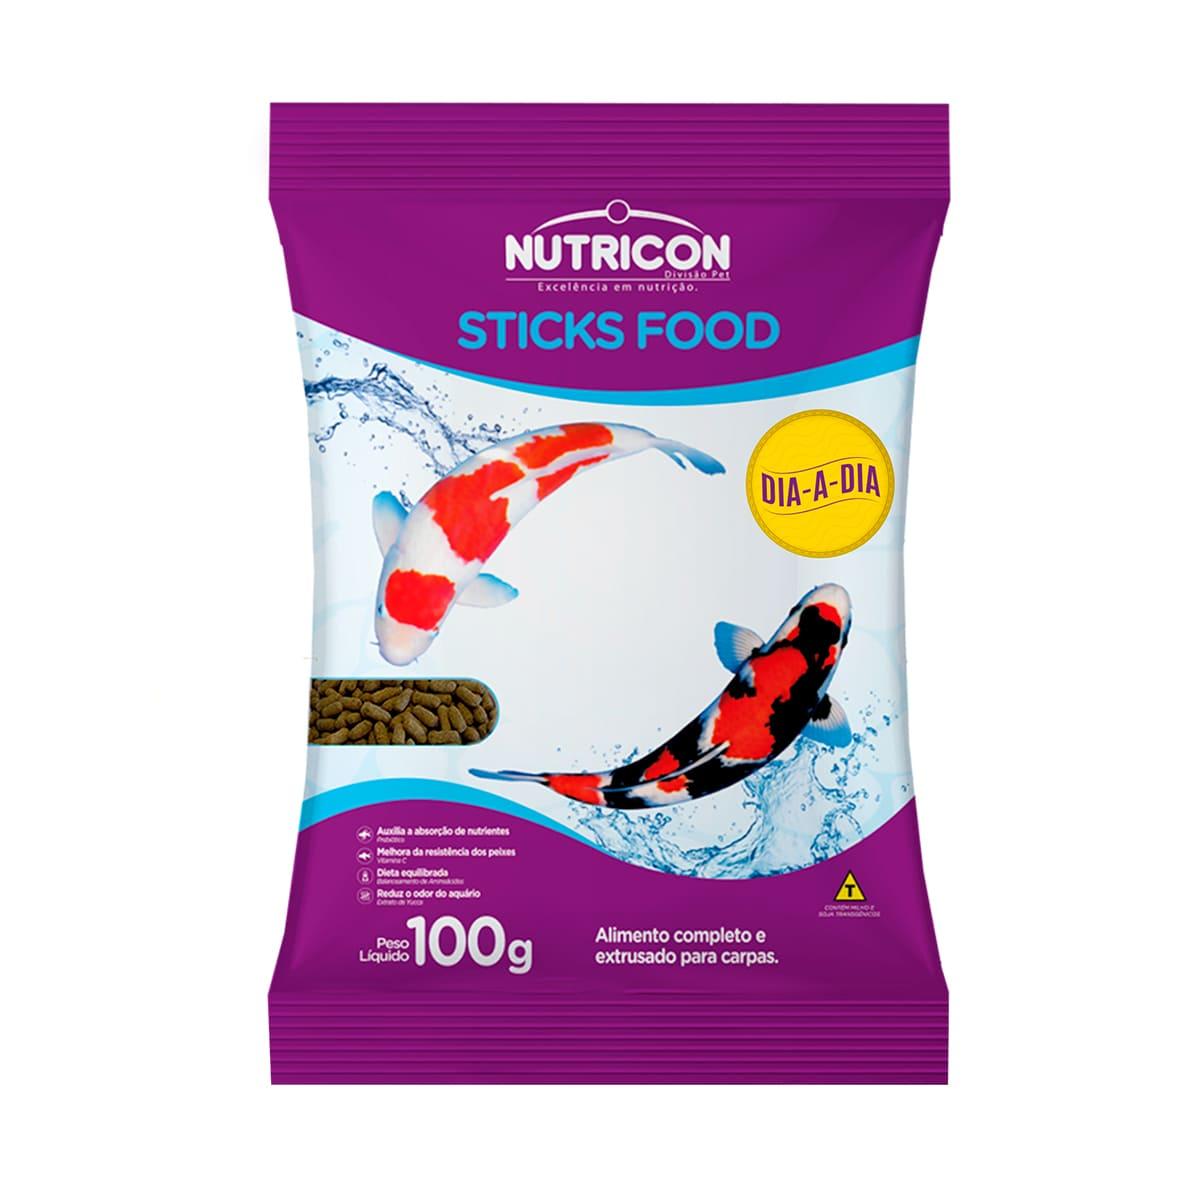 Ração Nutricon Sticks Food Dia-A-Dia 100g - Carpas Adultas